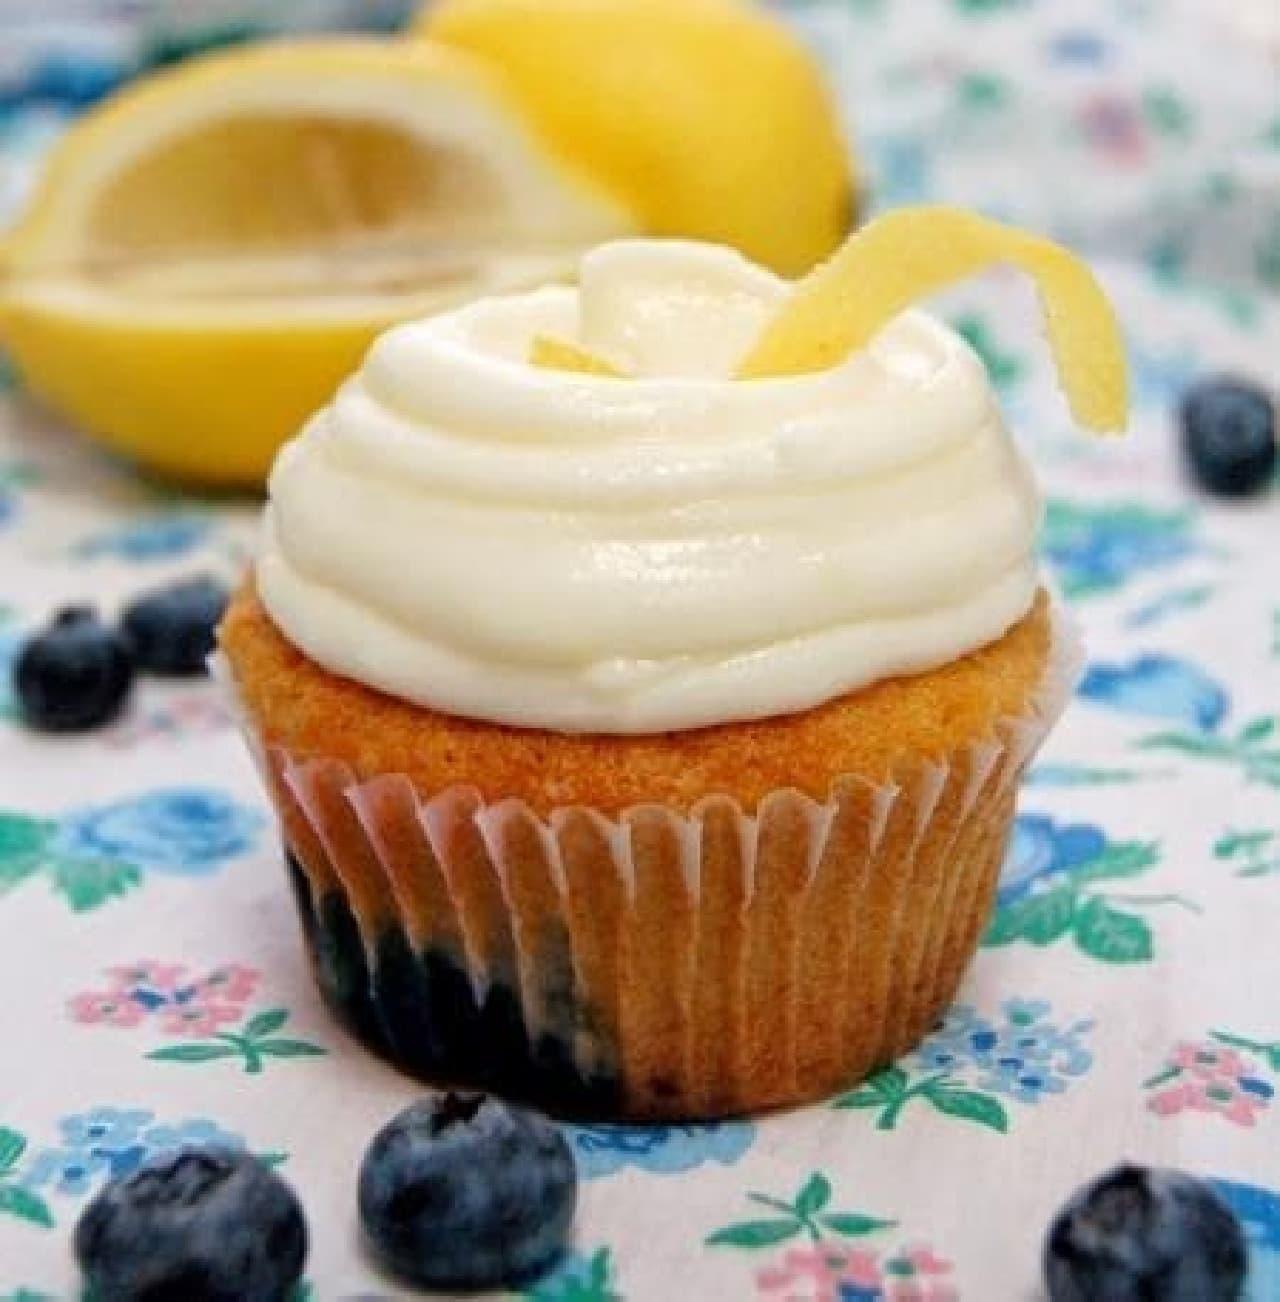 写真は先行発売される「ブルーベリーレモン カップケーキ」